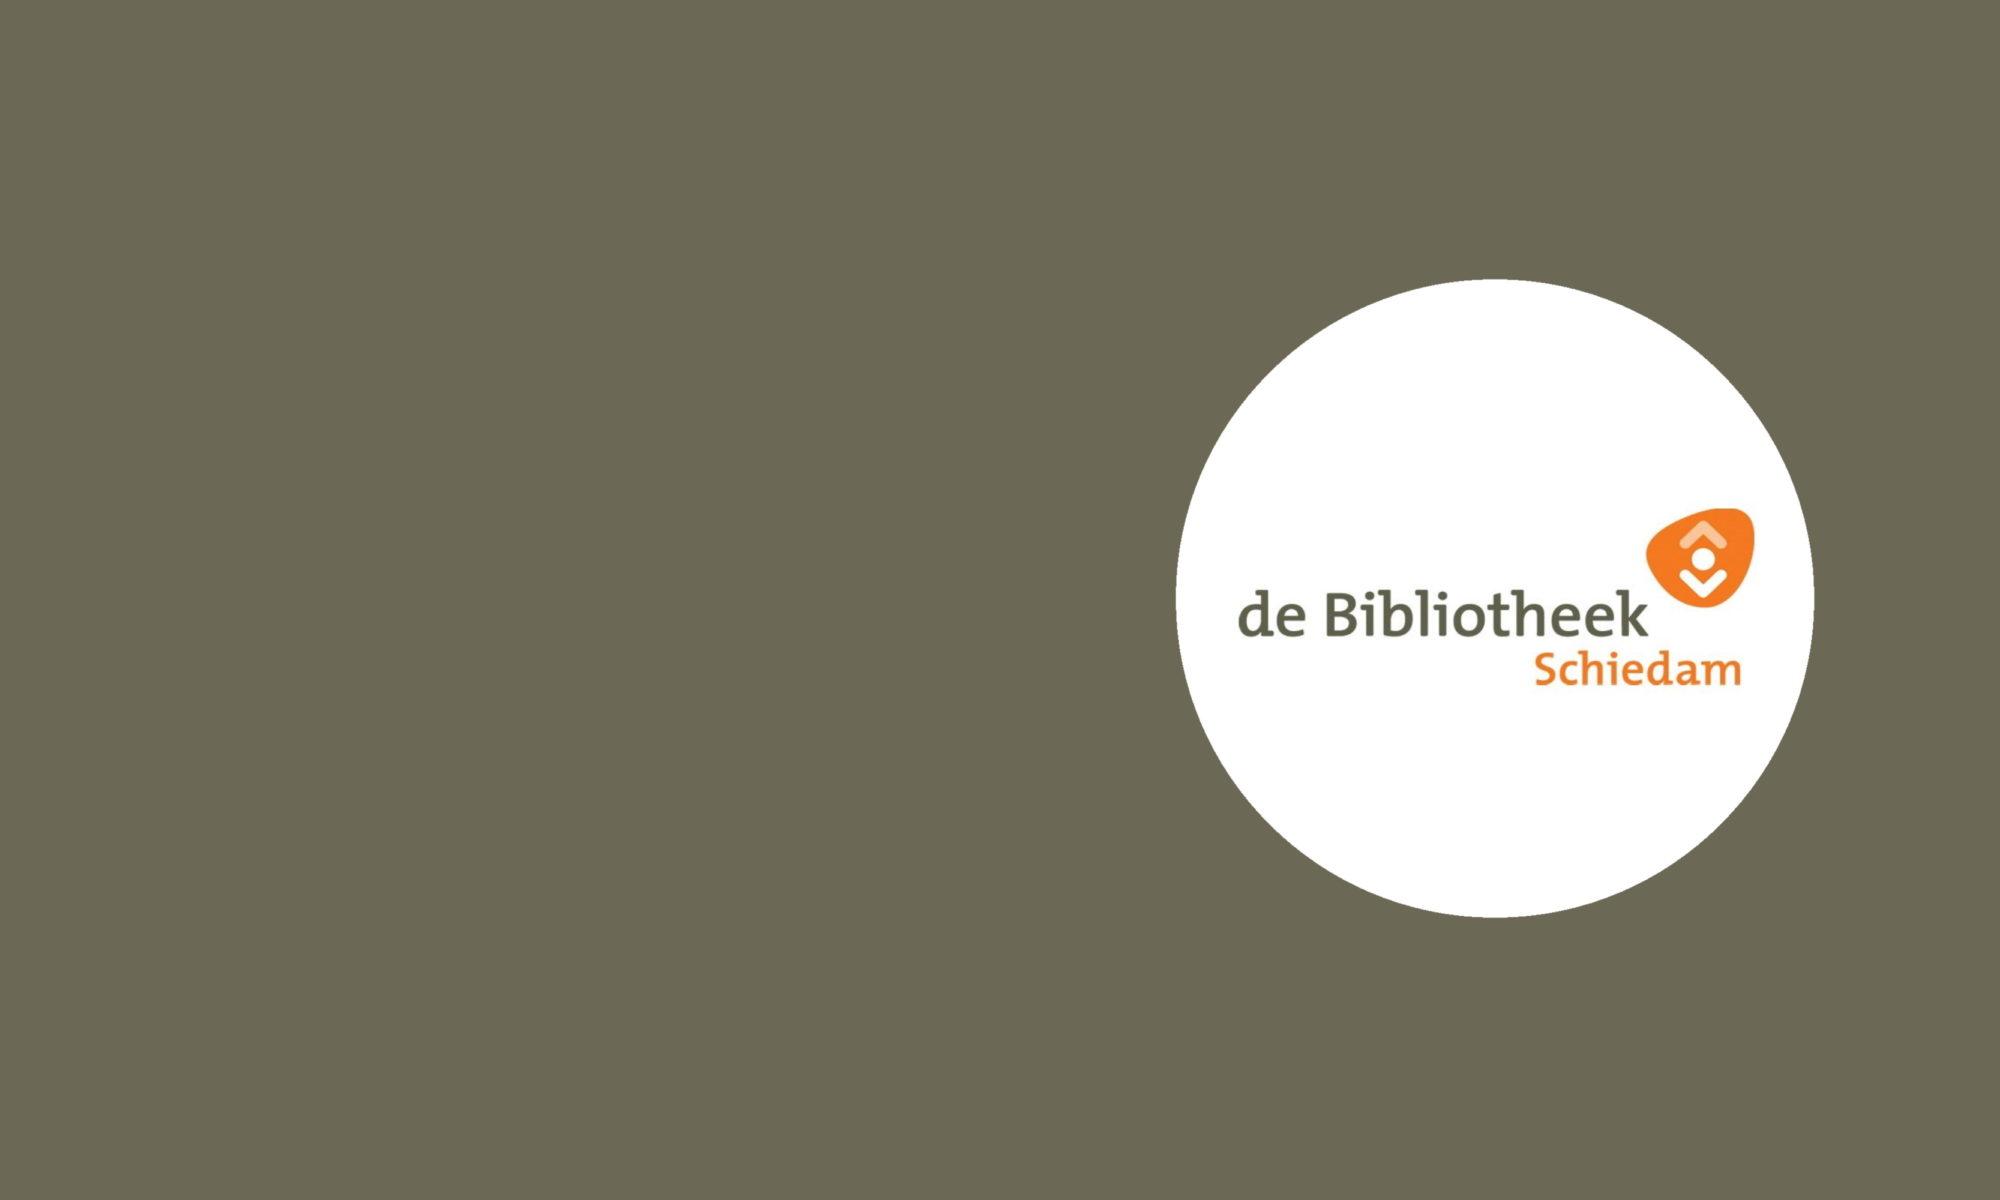 Bibliotheek Schiedam Vob Vereniging Van Openbare Bibliotheken